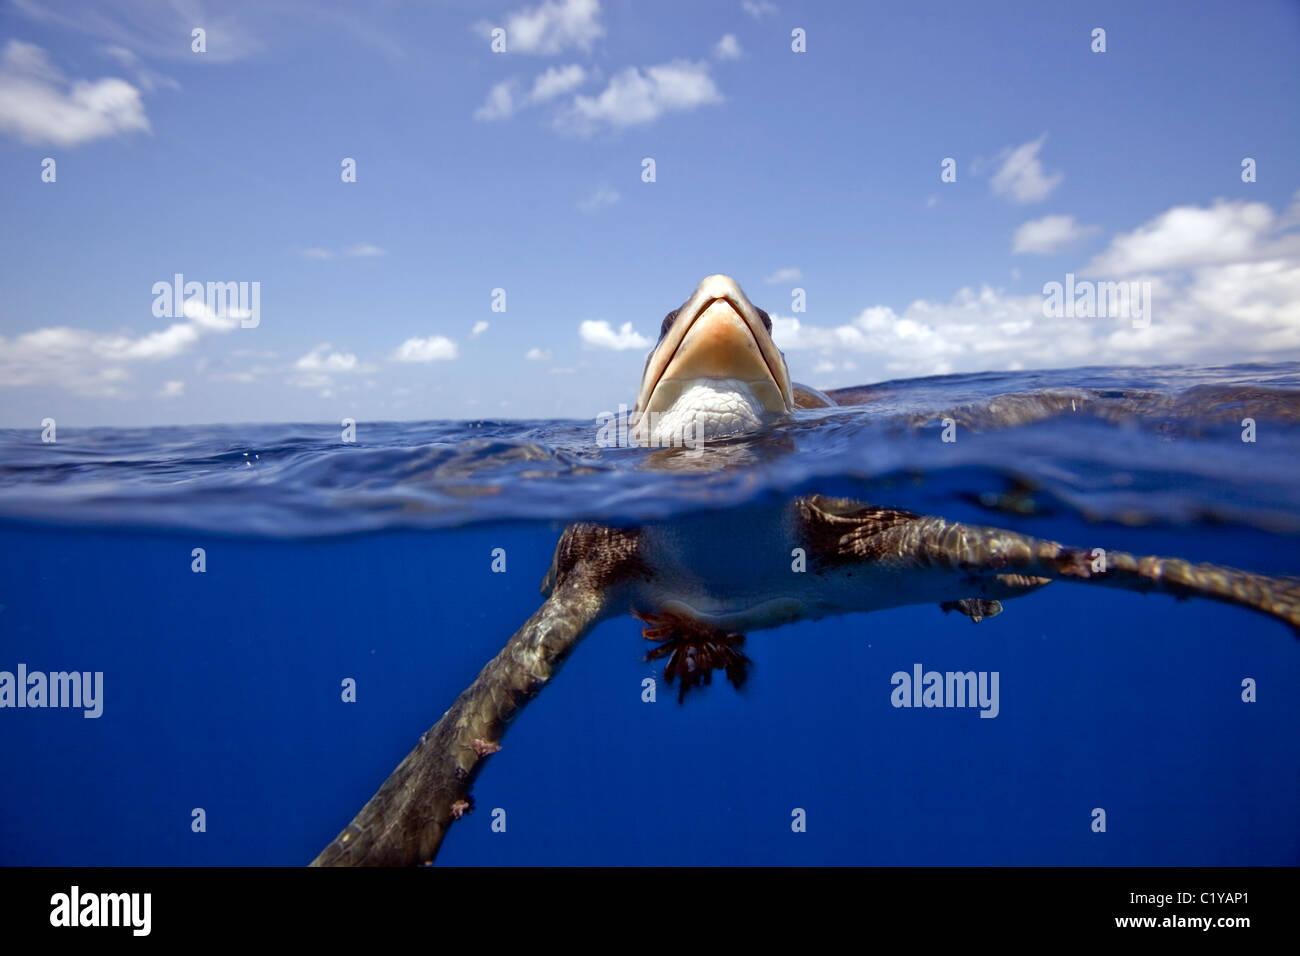 Une vue sur l'eau d'une rare tortue à l'île Cocos au large de la côte du Costa Rica. Photo Stock